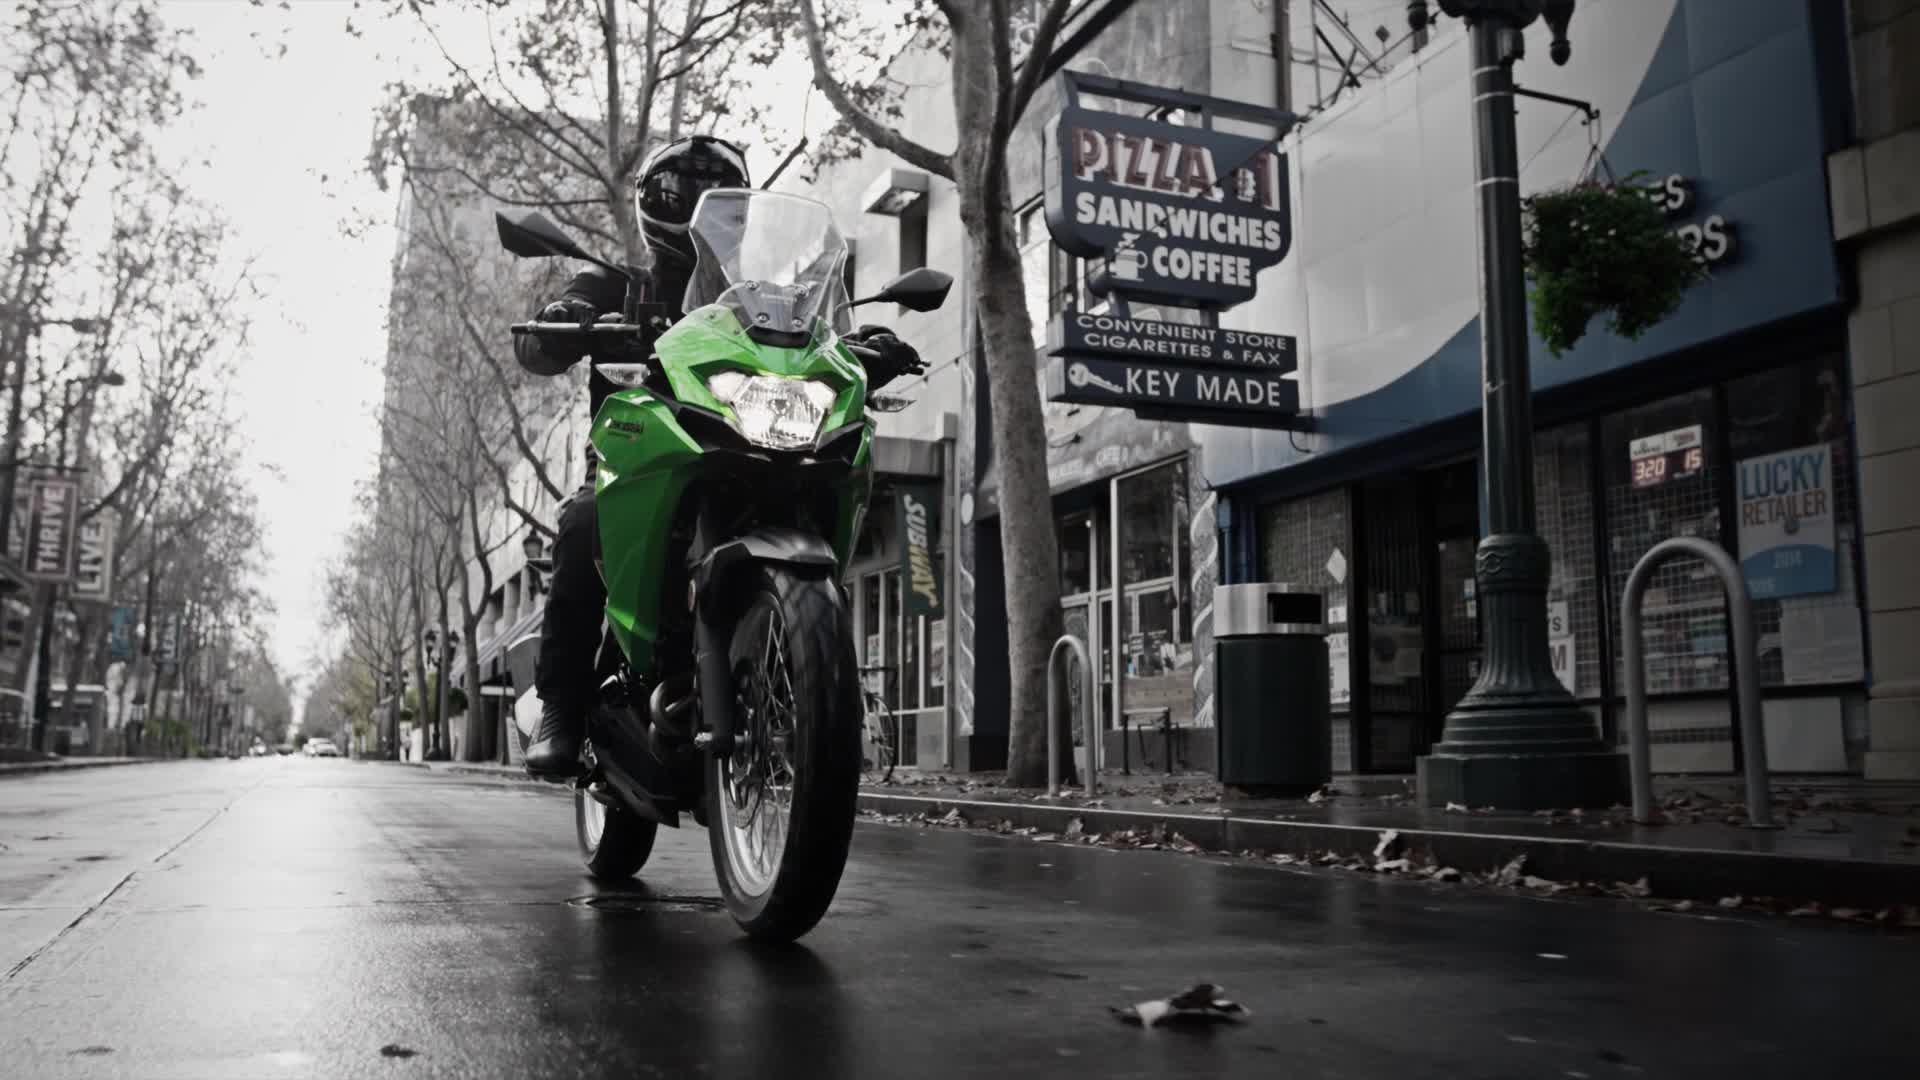 川崎进口拉力摩托车-Versys-x300